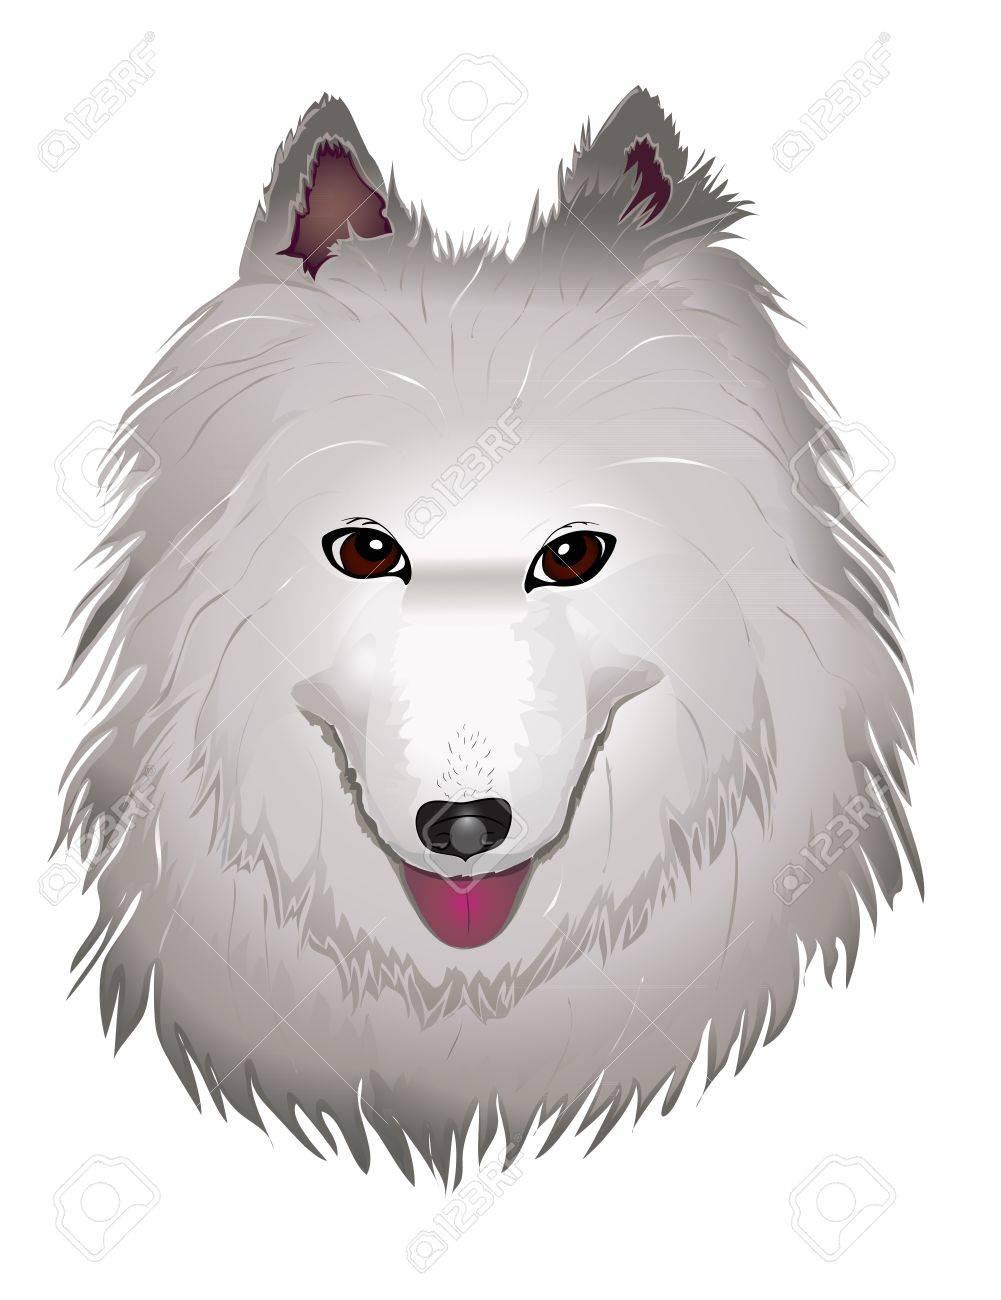 ベクトルの純血種のふわふわした白いサモエド犬笑顔 ベクトル イラスト Eps 10のイラスト素材 ベクタ Image